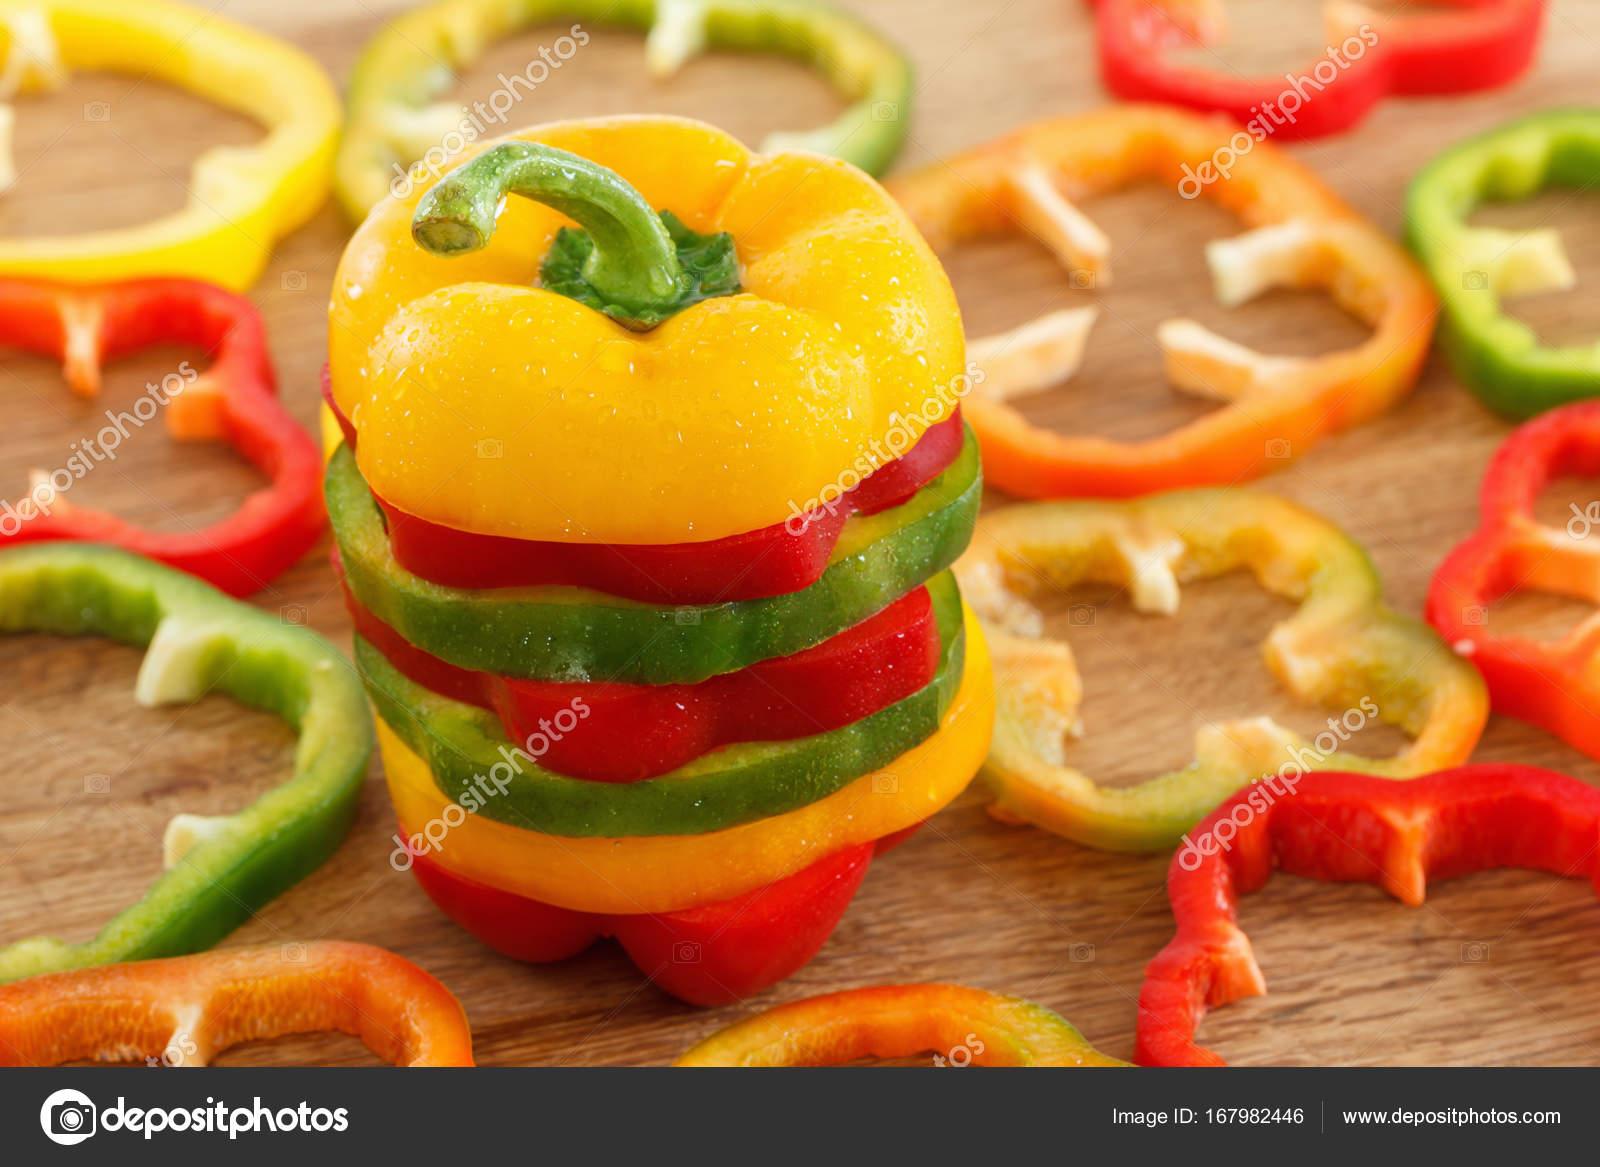 Помидоры перец овощной продовольственной диета фрукты здоровые.